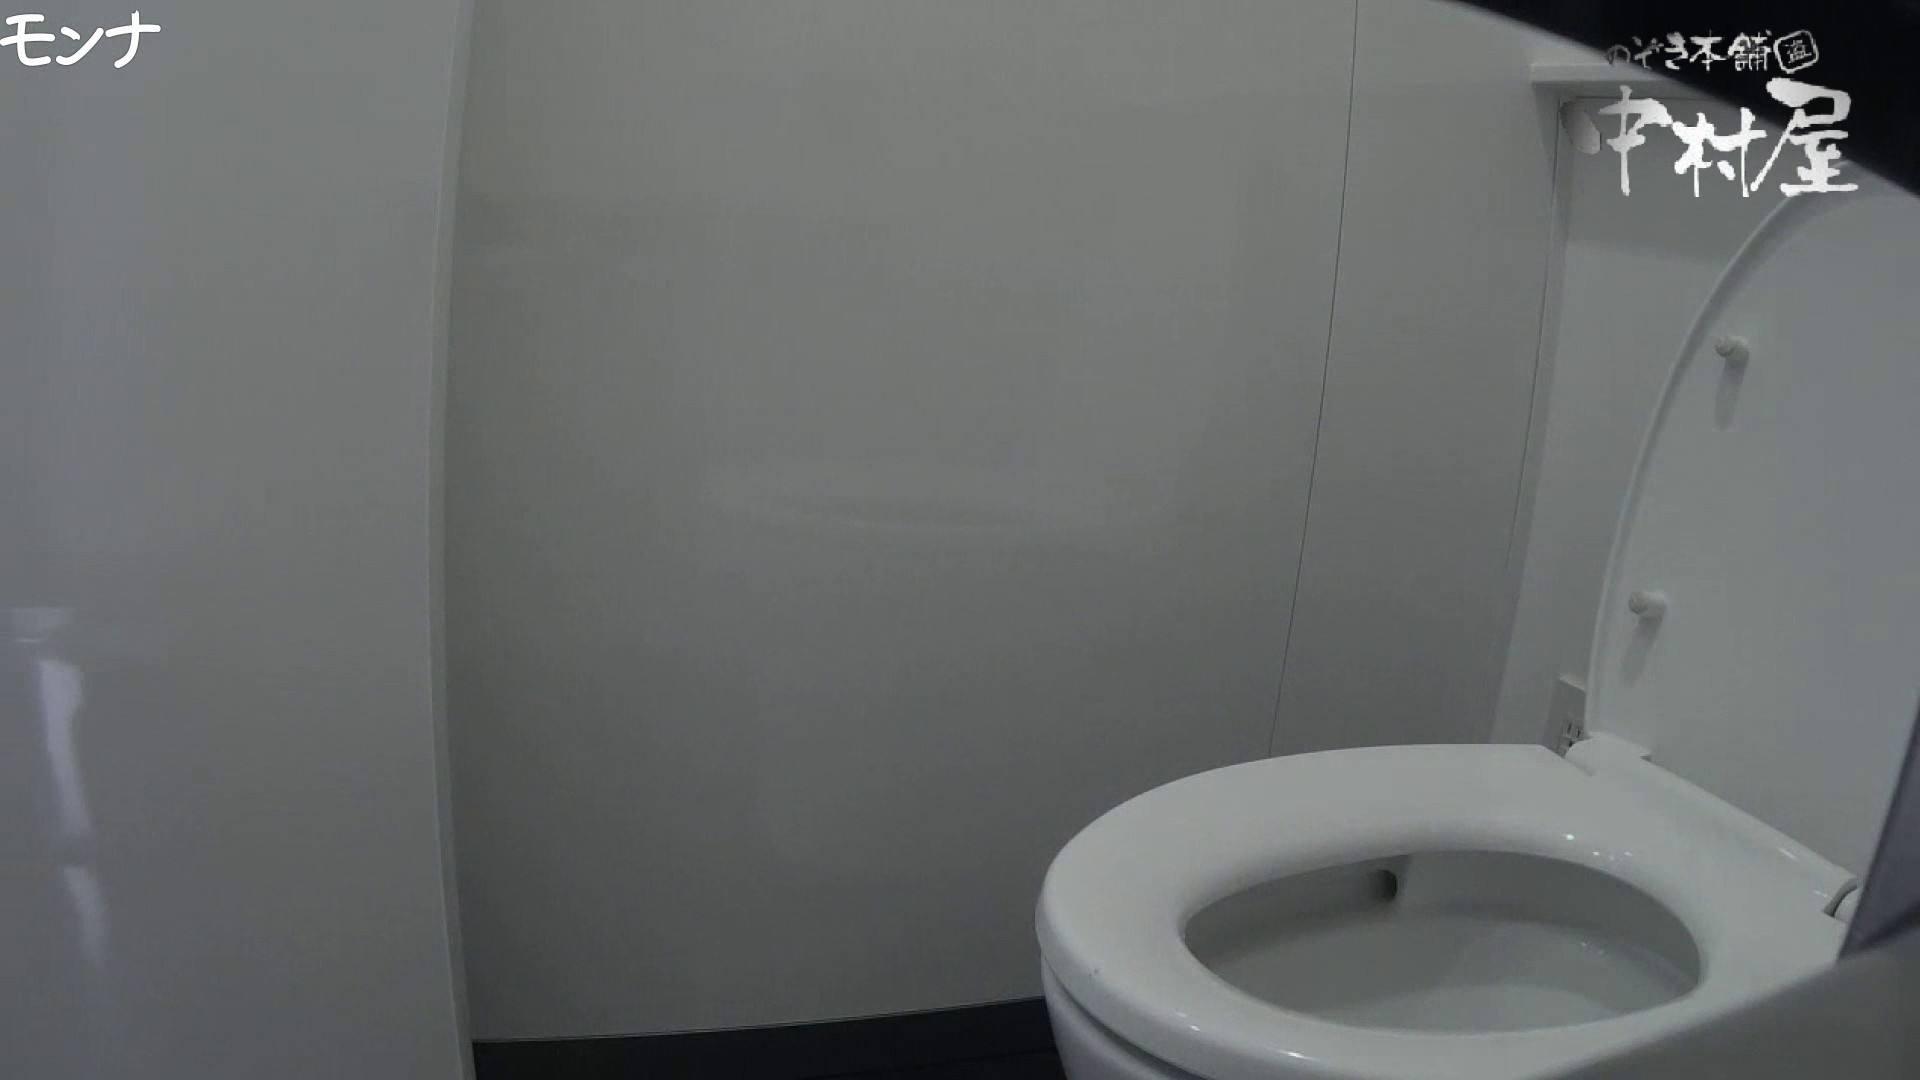 有名大学女性洗面所 vol.65 秘技!!マルチアングル天井撮り!! 和式 | 洗面所  91pic 81